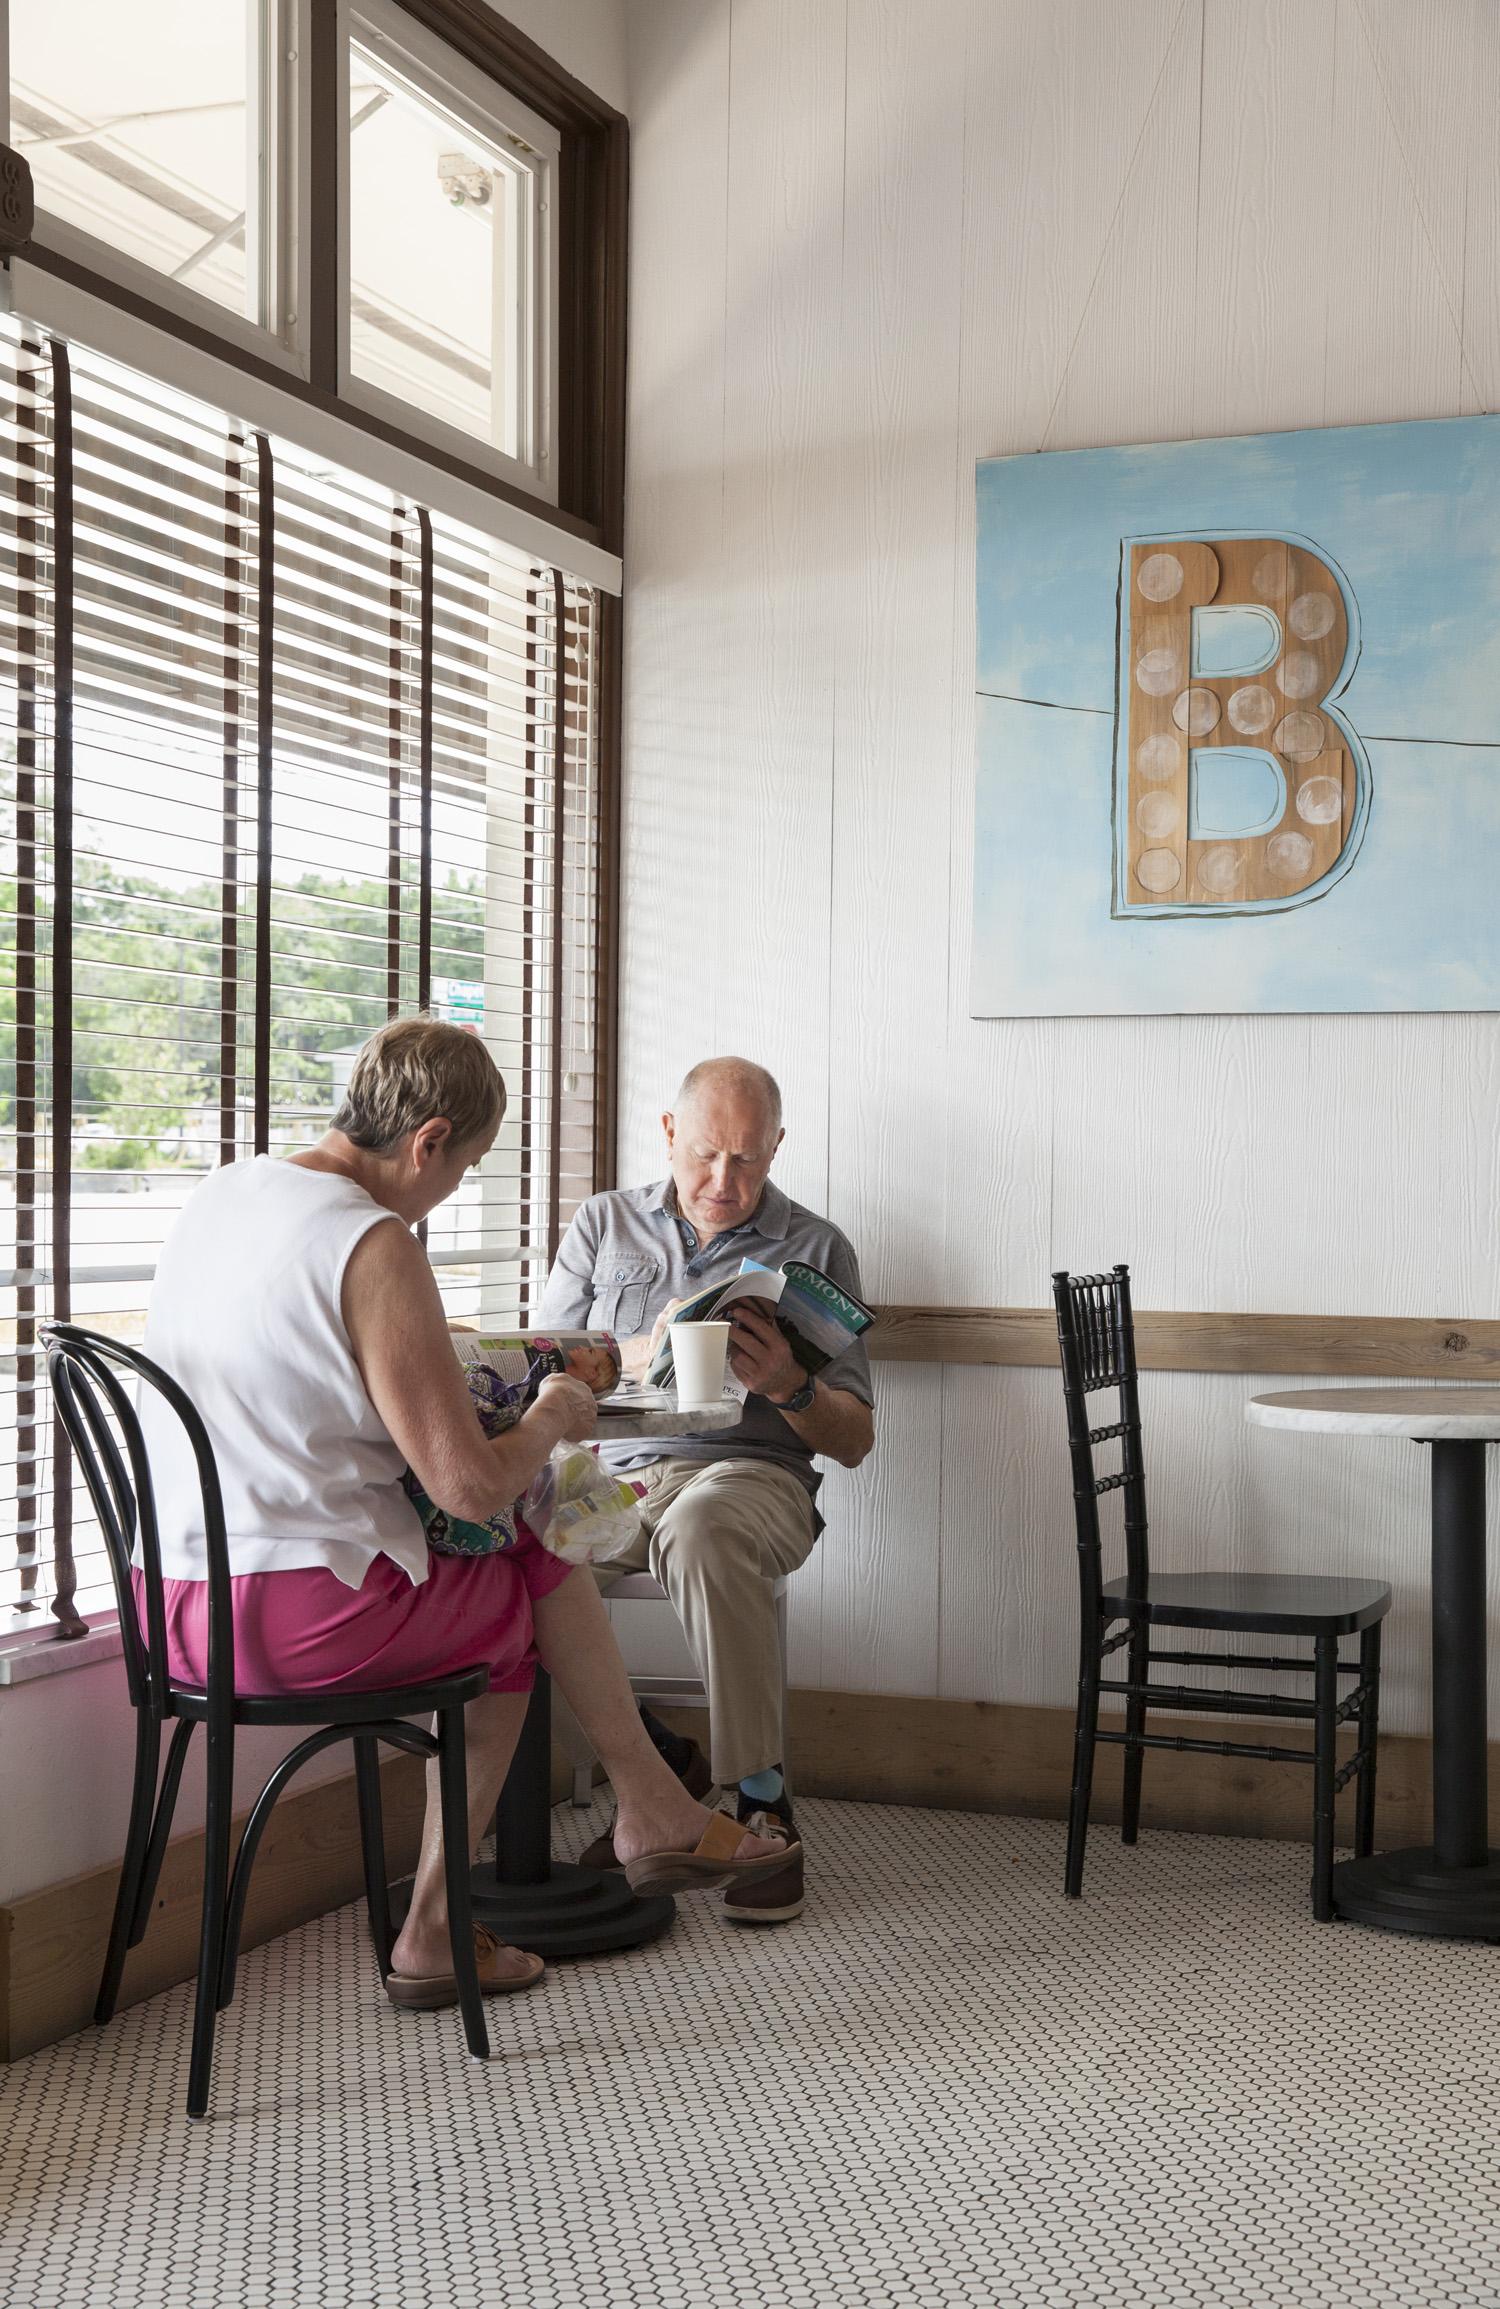 blue bird bake shop orlando florida